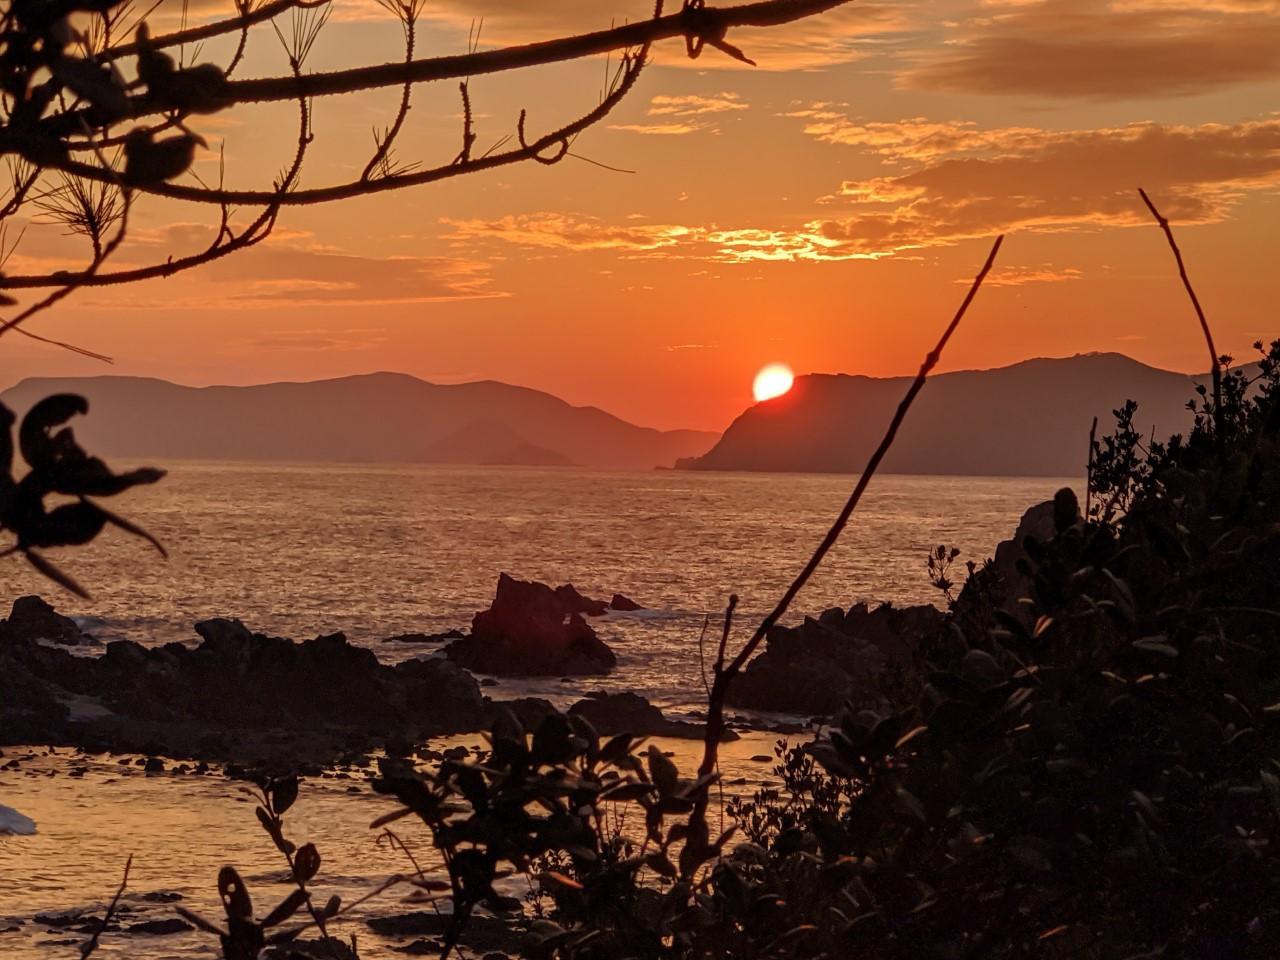 高知県西端の大月町で夕日を!「ベルリーフ大月」海と山の絶景も